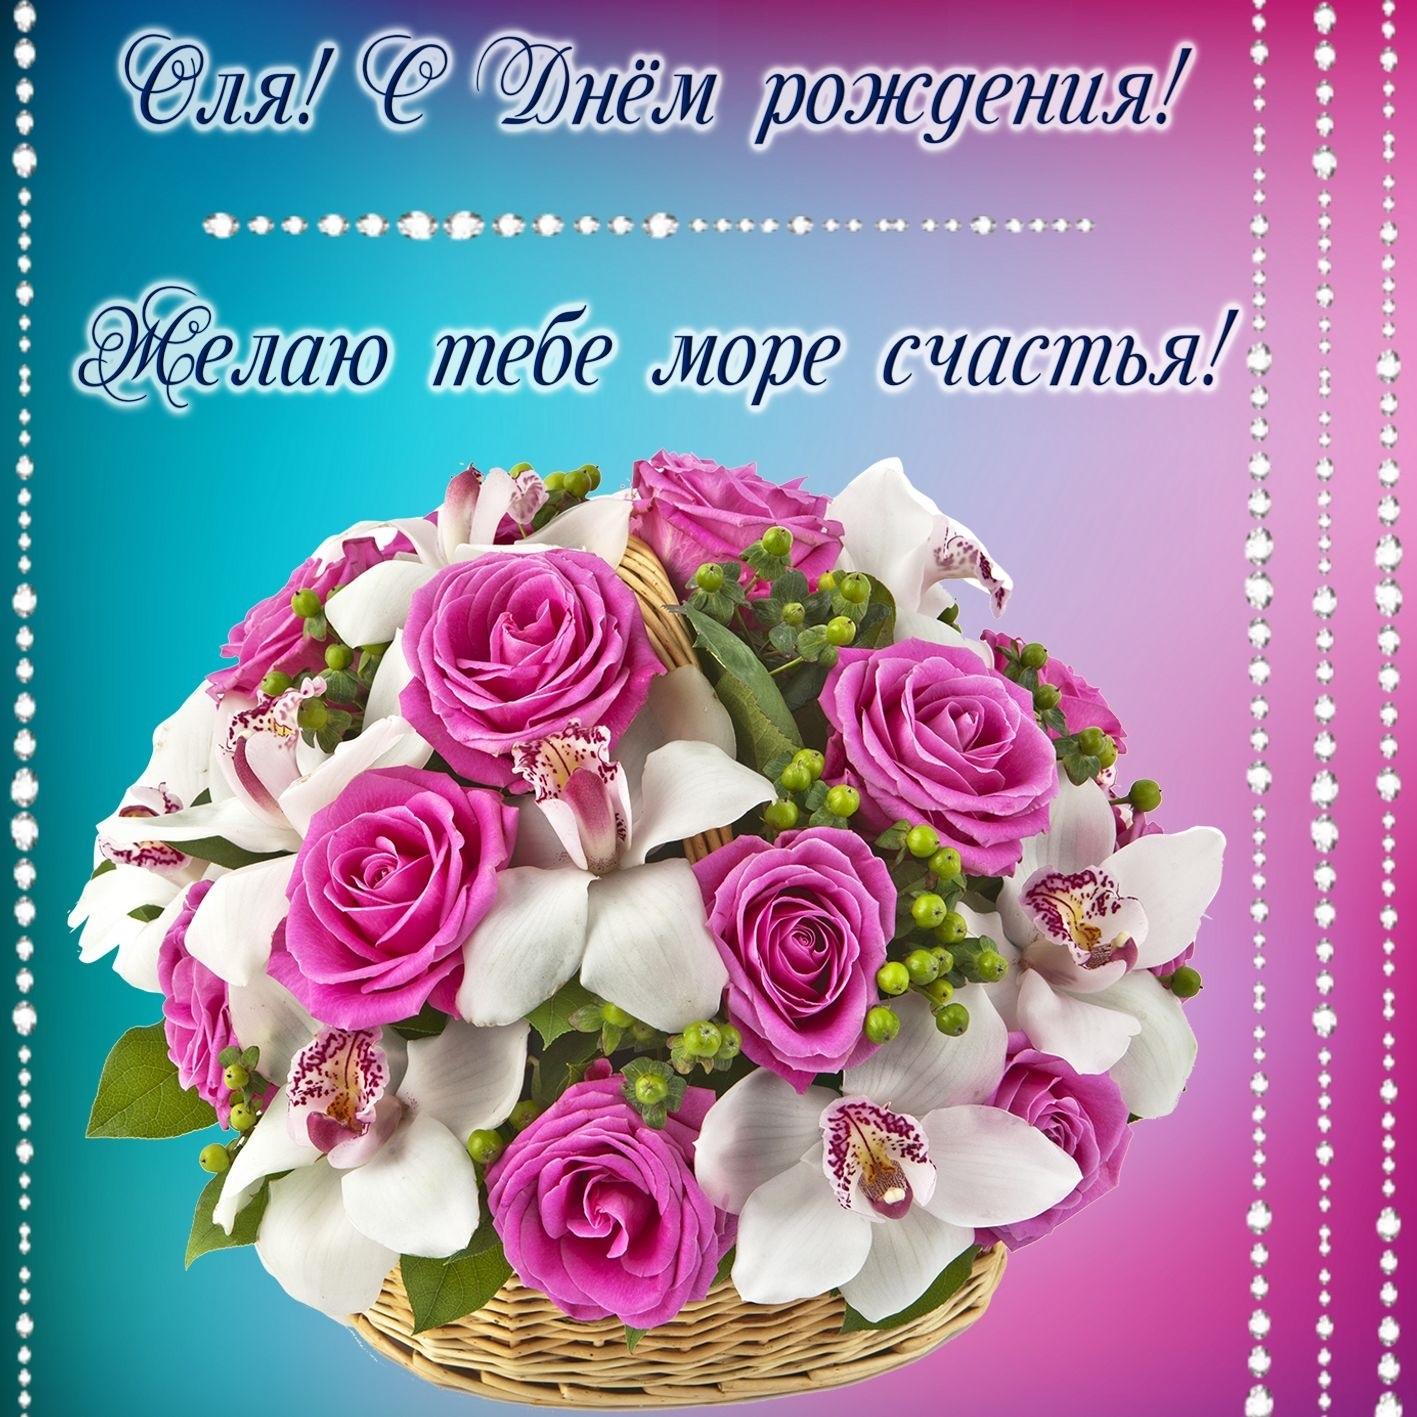 Скачать картинки Ольга с днем рождения009